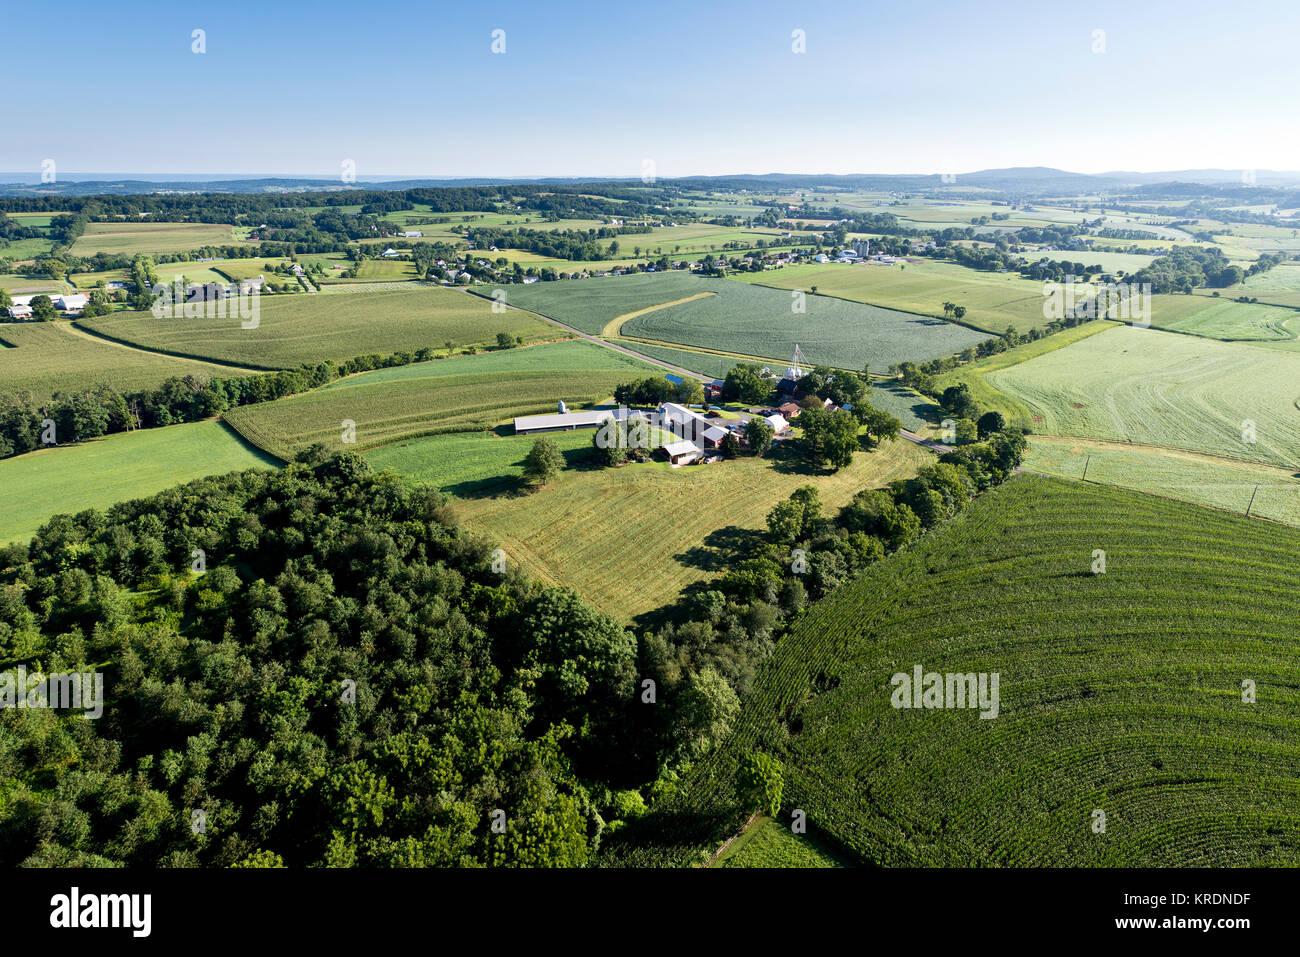 Vue aérienne de champs agricoles de CONTOUR ET LES MEILLEURES PRATIQUES DE GESTION, de Lancaster en Pennsylvanie Photo Stock